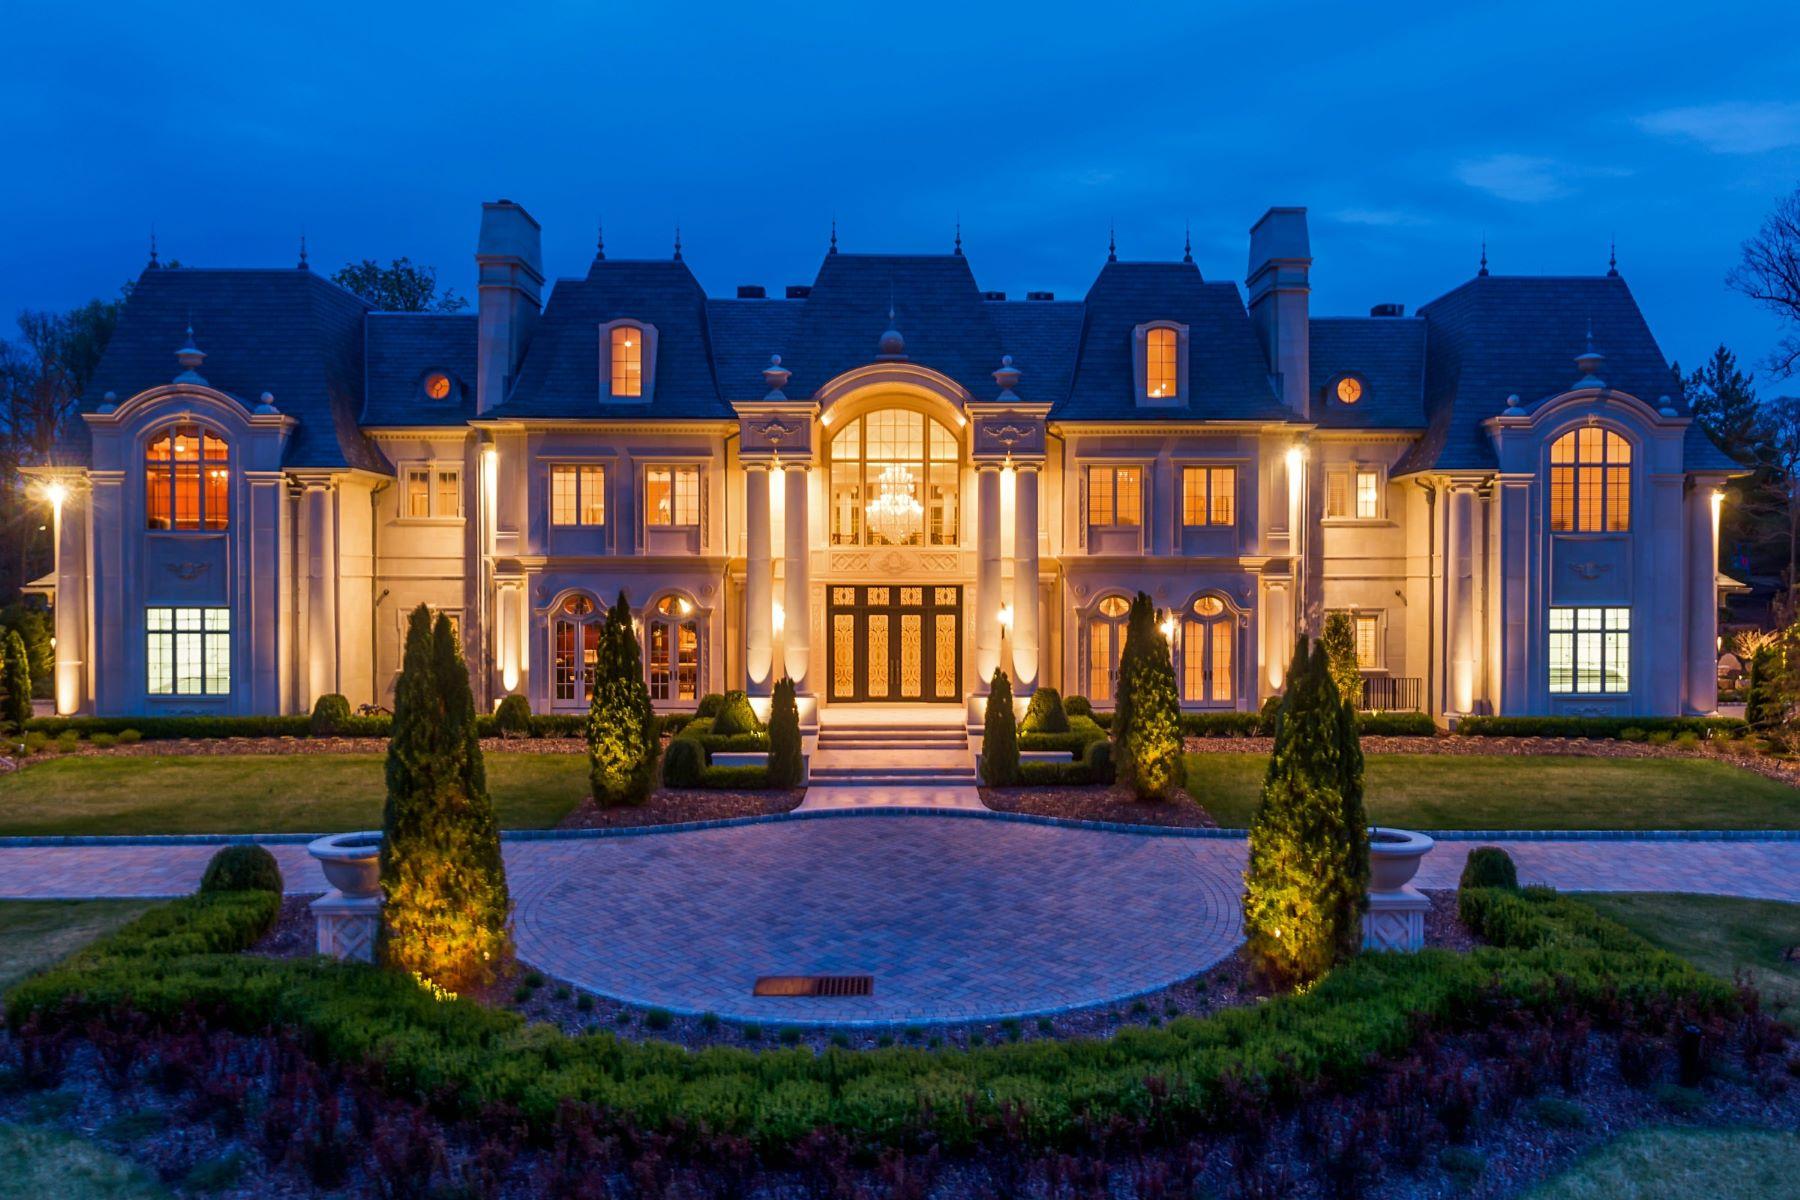 Single Family Home for Sale at Chateau de la Roche 48 Rio Vista Drive Alpine, New Jersey, 07620 United States